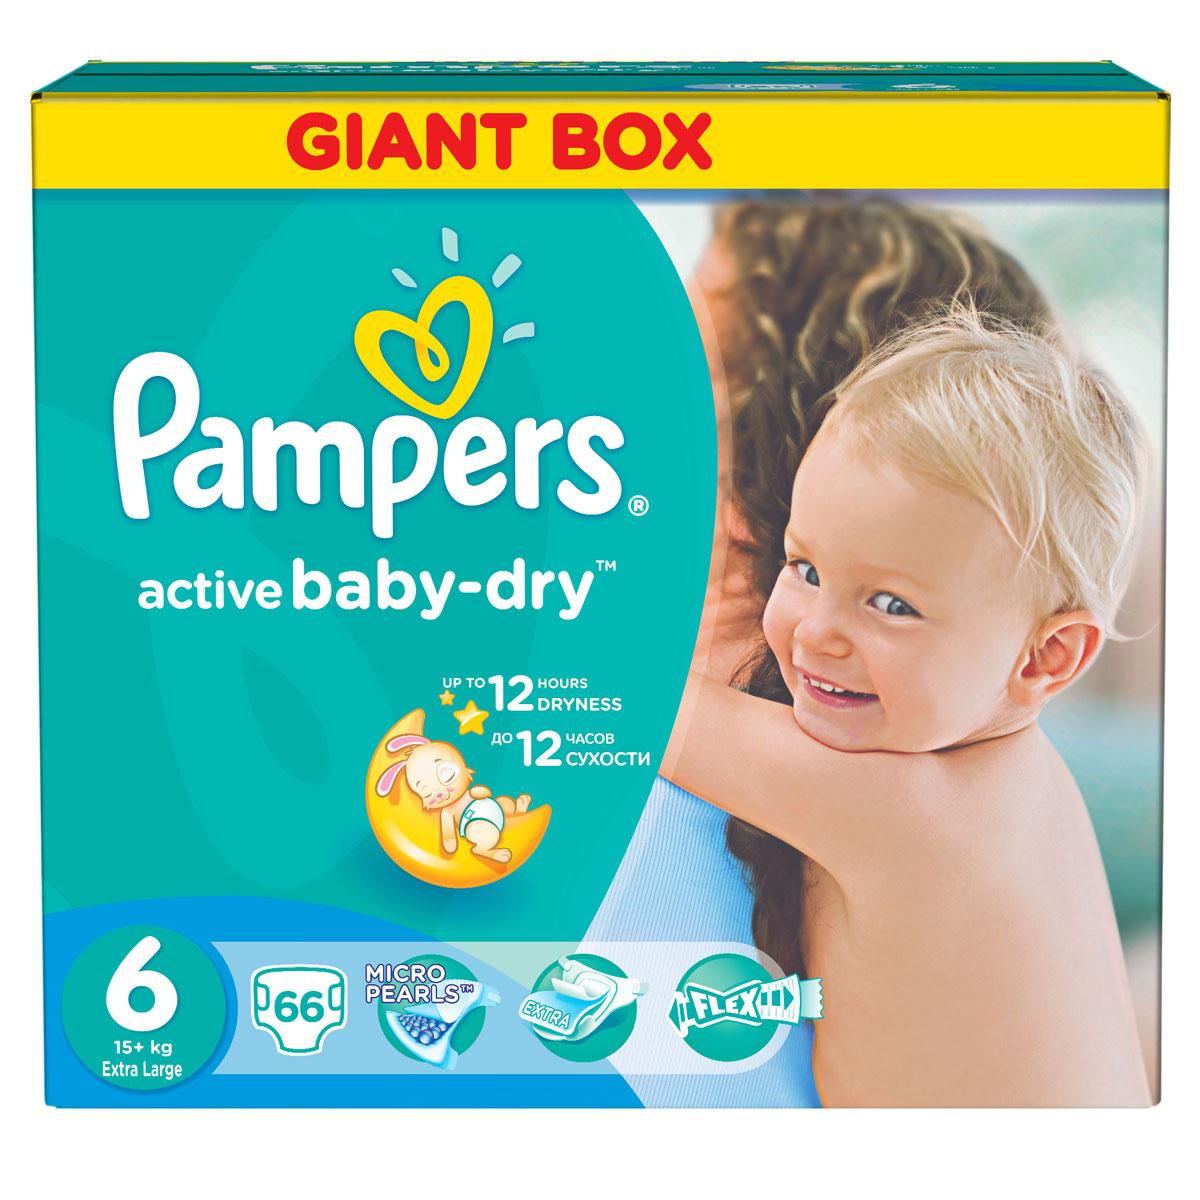 Pampers Подгузники Active Baby-Dry от 15 кг (размер 6) 66 штPA-81528070Подгузники Active Baby-Dry до 2х раз суше, чем обычный подгузник. Для каждого доброго утра нужно, до 12 часов сухости ночью. Вот почему подгузники Pampers Active Baby-Dry имеют жемчужные микрогранулы, которые впитывают влаги до 30 раз больше собственного веса и надежно удерживают ее внутри подгузника. Просыпайтесь радостно каждое утро с подгузниками Pampers New Baby-Dry. - Мягкий уникальный верхний слой моментально впитывает влагу с кожи. - Жемчужные микрогранулы впитывают влаги до 30 раз больше собственного веса. - Экстра слой абсорбирует жидкость и распределяет ее по подгузнику. - Тянущиеся боковинки разработаны, чтоб малышу было комфортно двигаться, а подгузник сидел плотно.